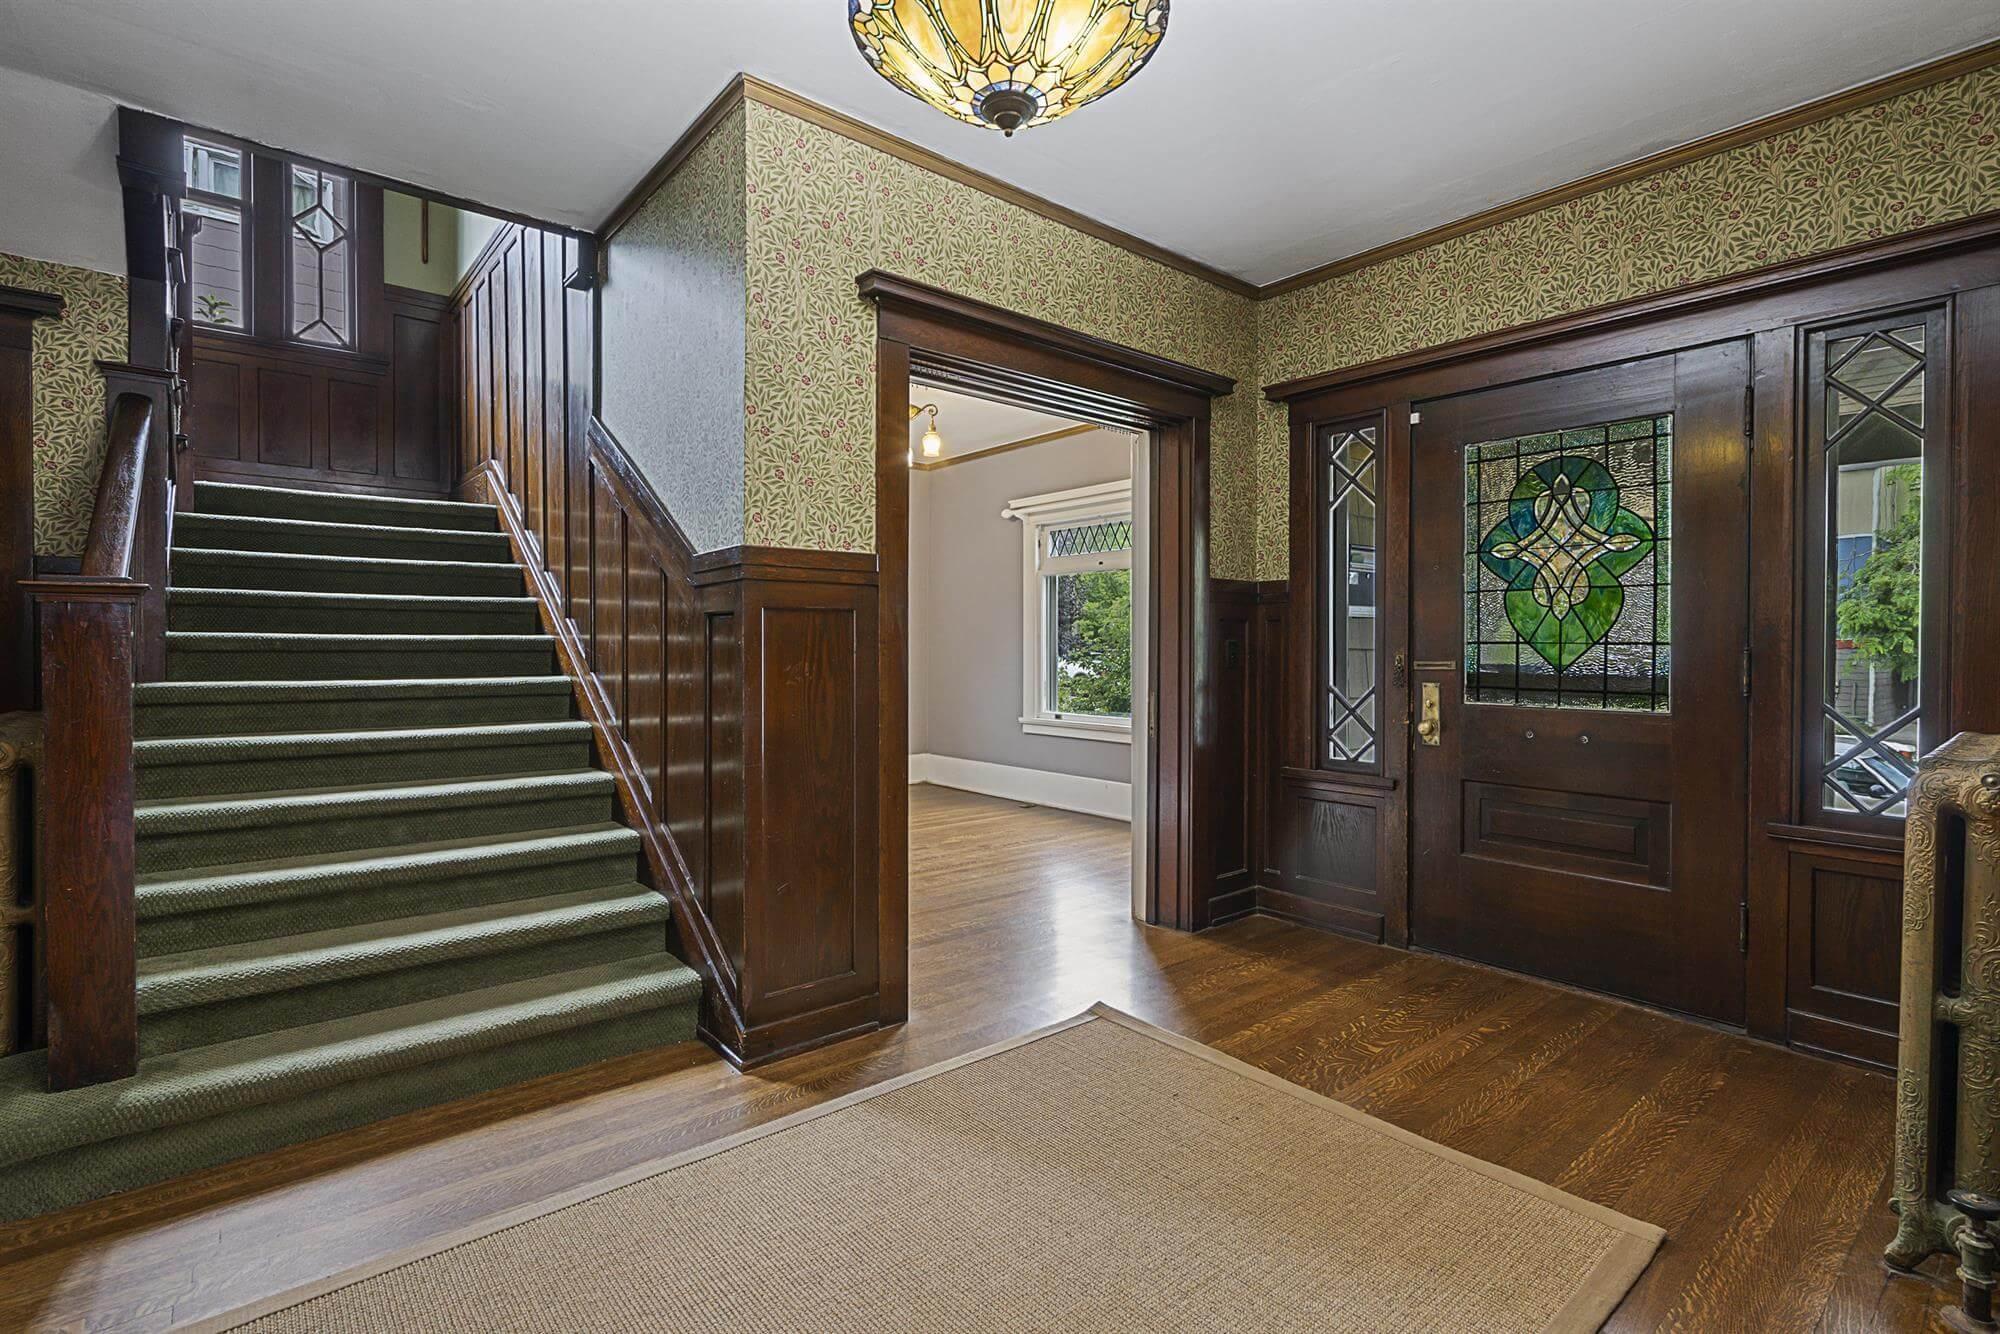 N. 4th foyer